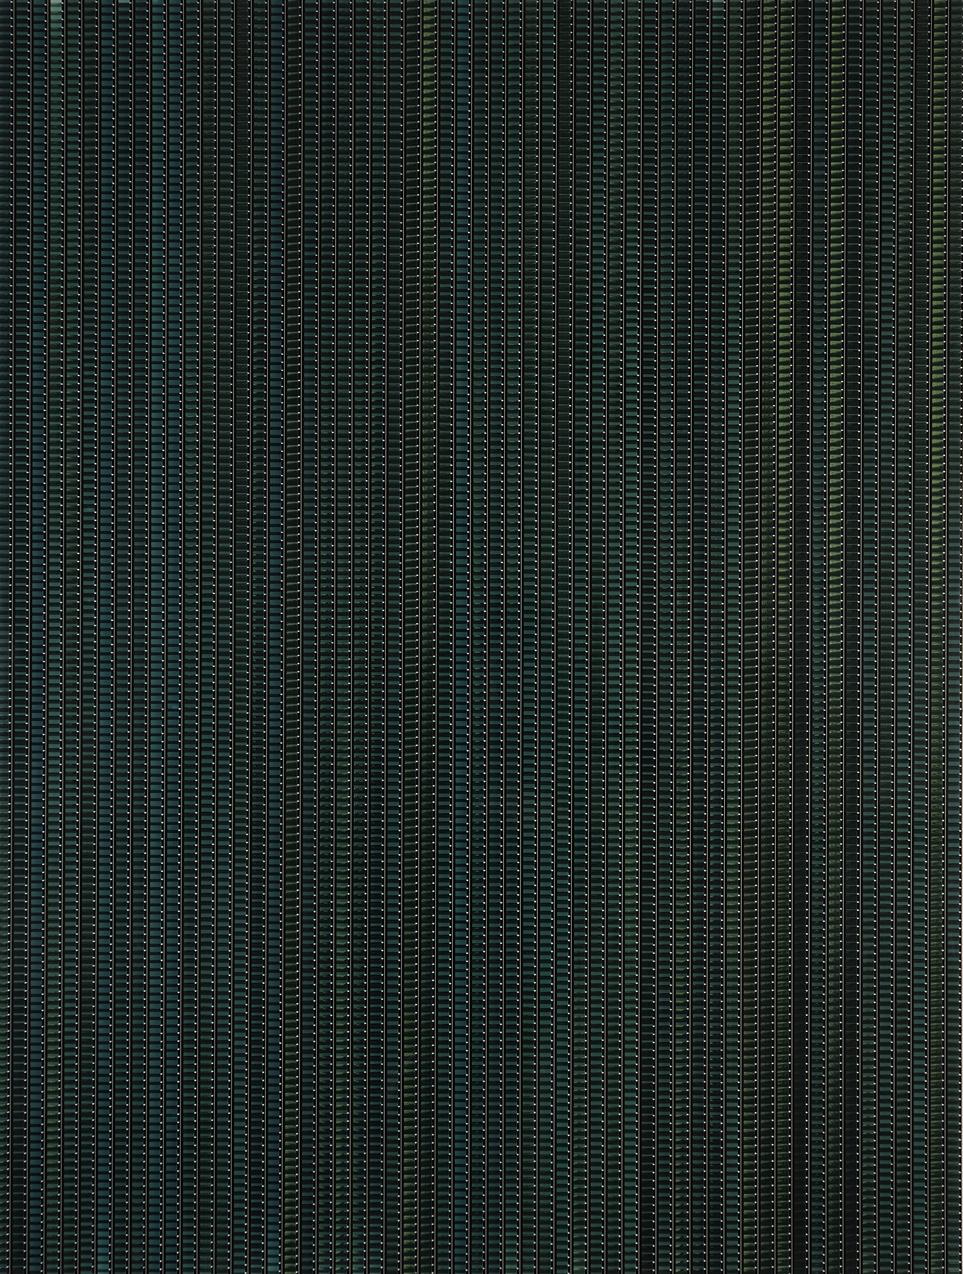 HORIZON 1 by Etienne de Fleurieu , collage de pellicule cinématographique 16 mm